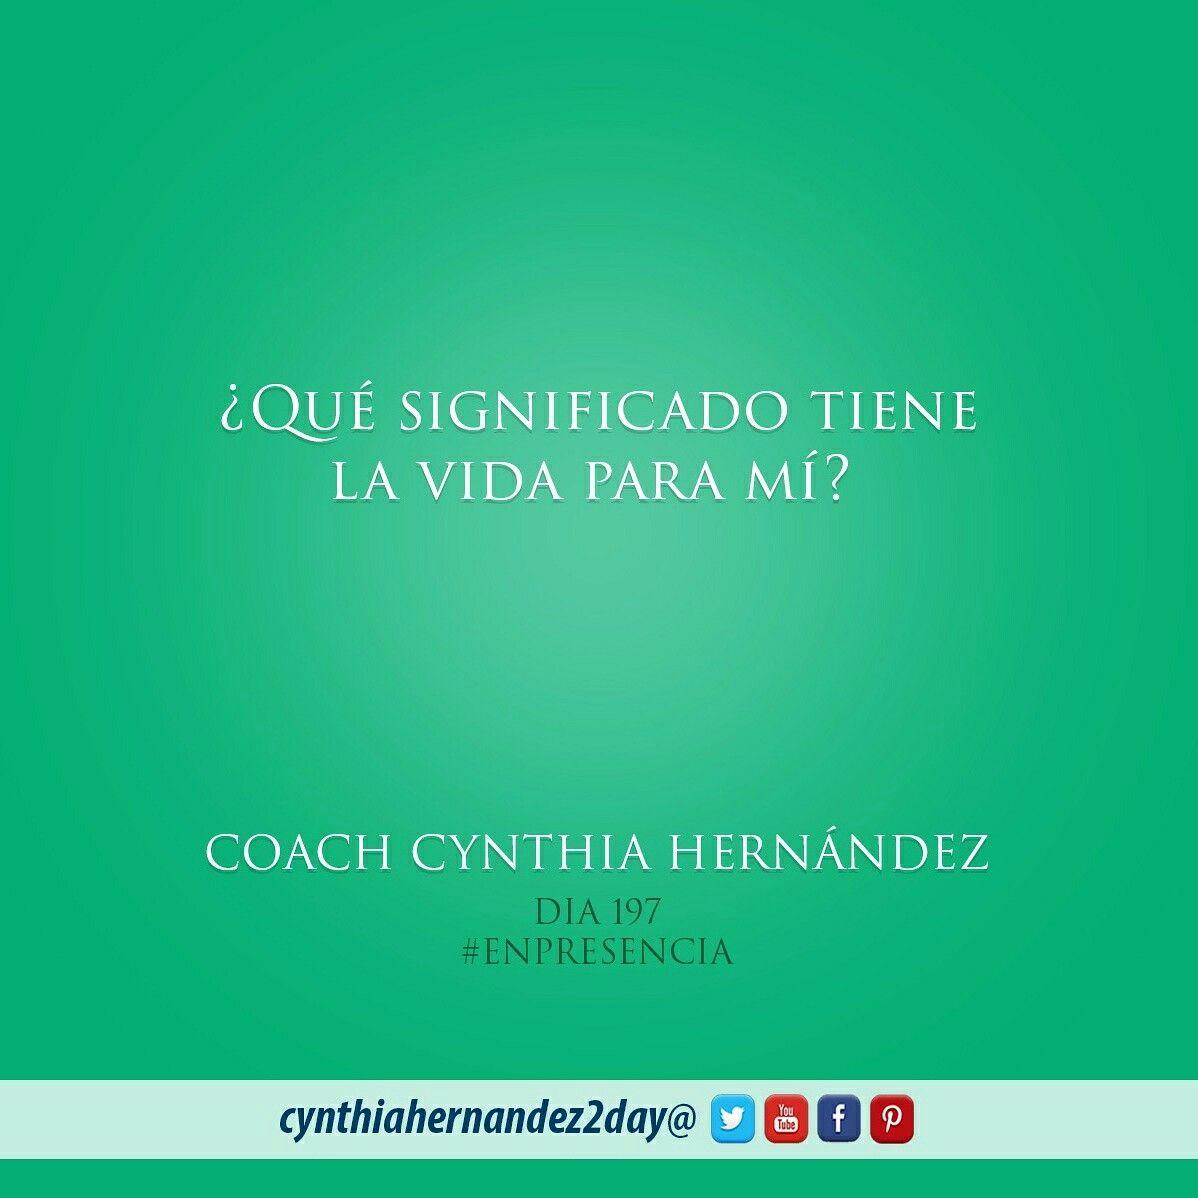 Dia 197. En Presencia! Nuestras acciones deben reflejar el valor que le damos a la propia vida #2day #enpresencia #coaching #goals #success #certifiedlifecoach #makeithappen #coach #coaching #lifecoaching #coach #metas